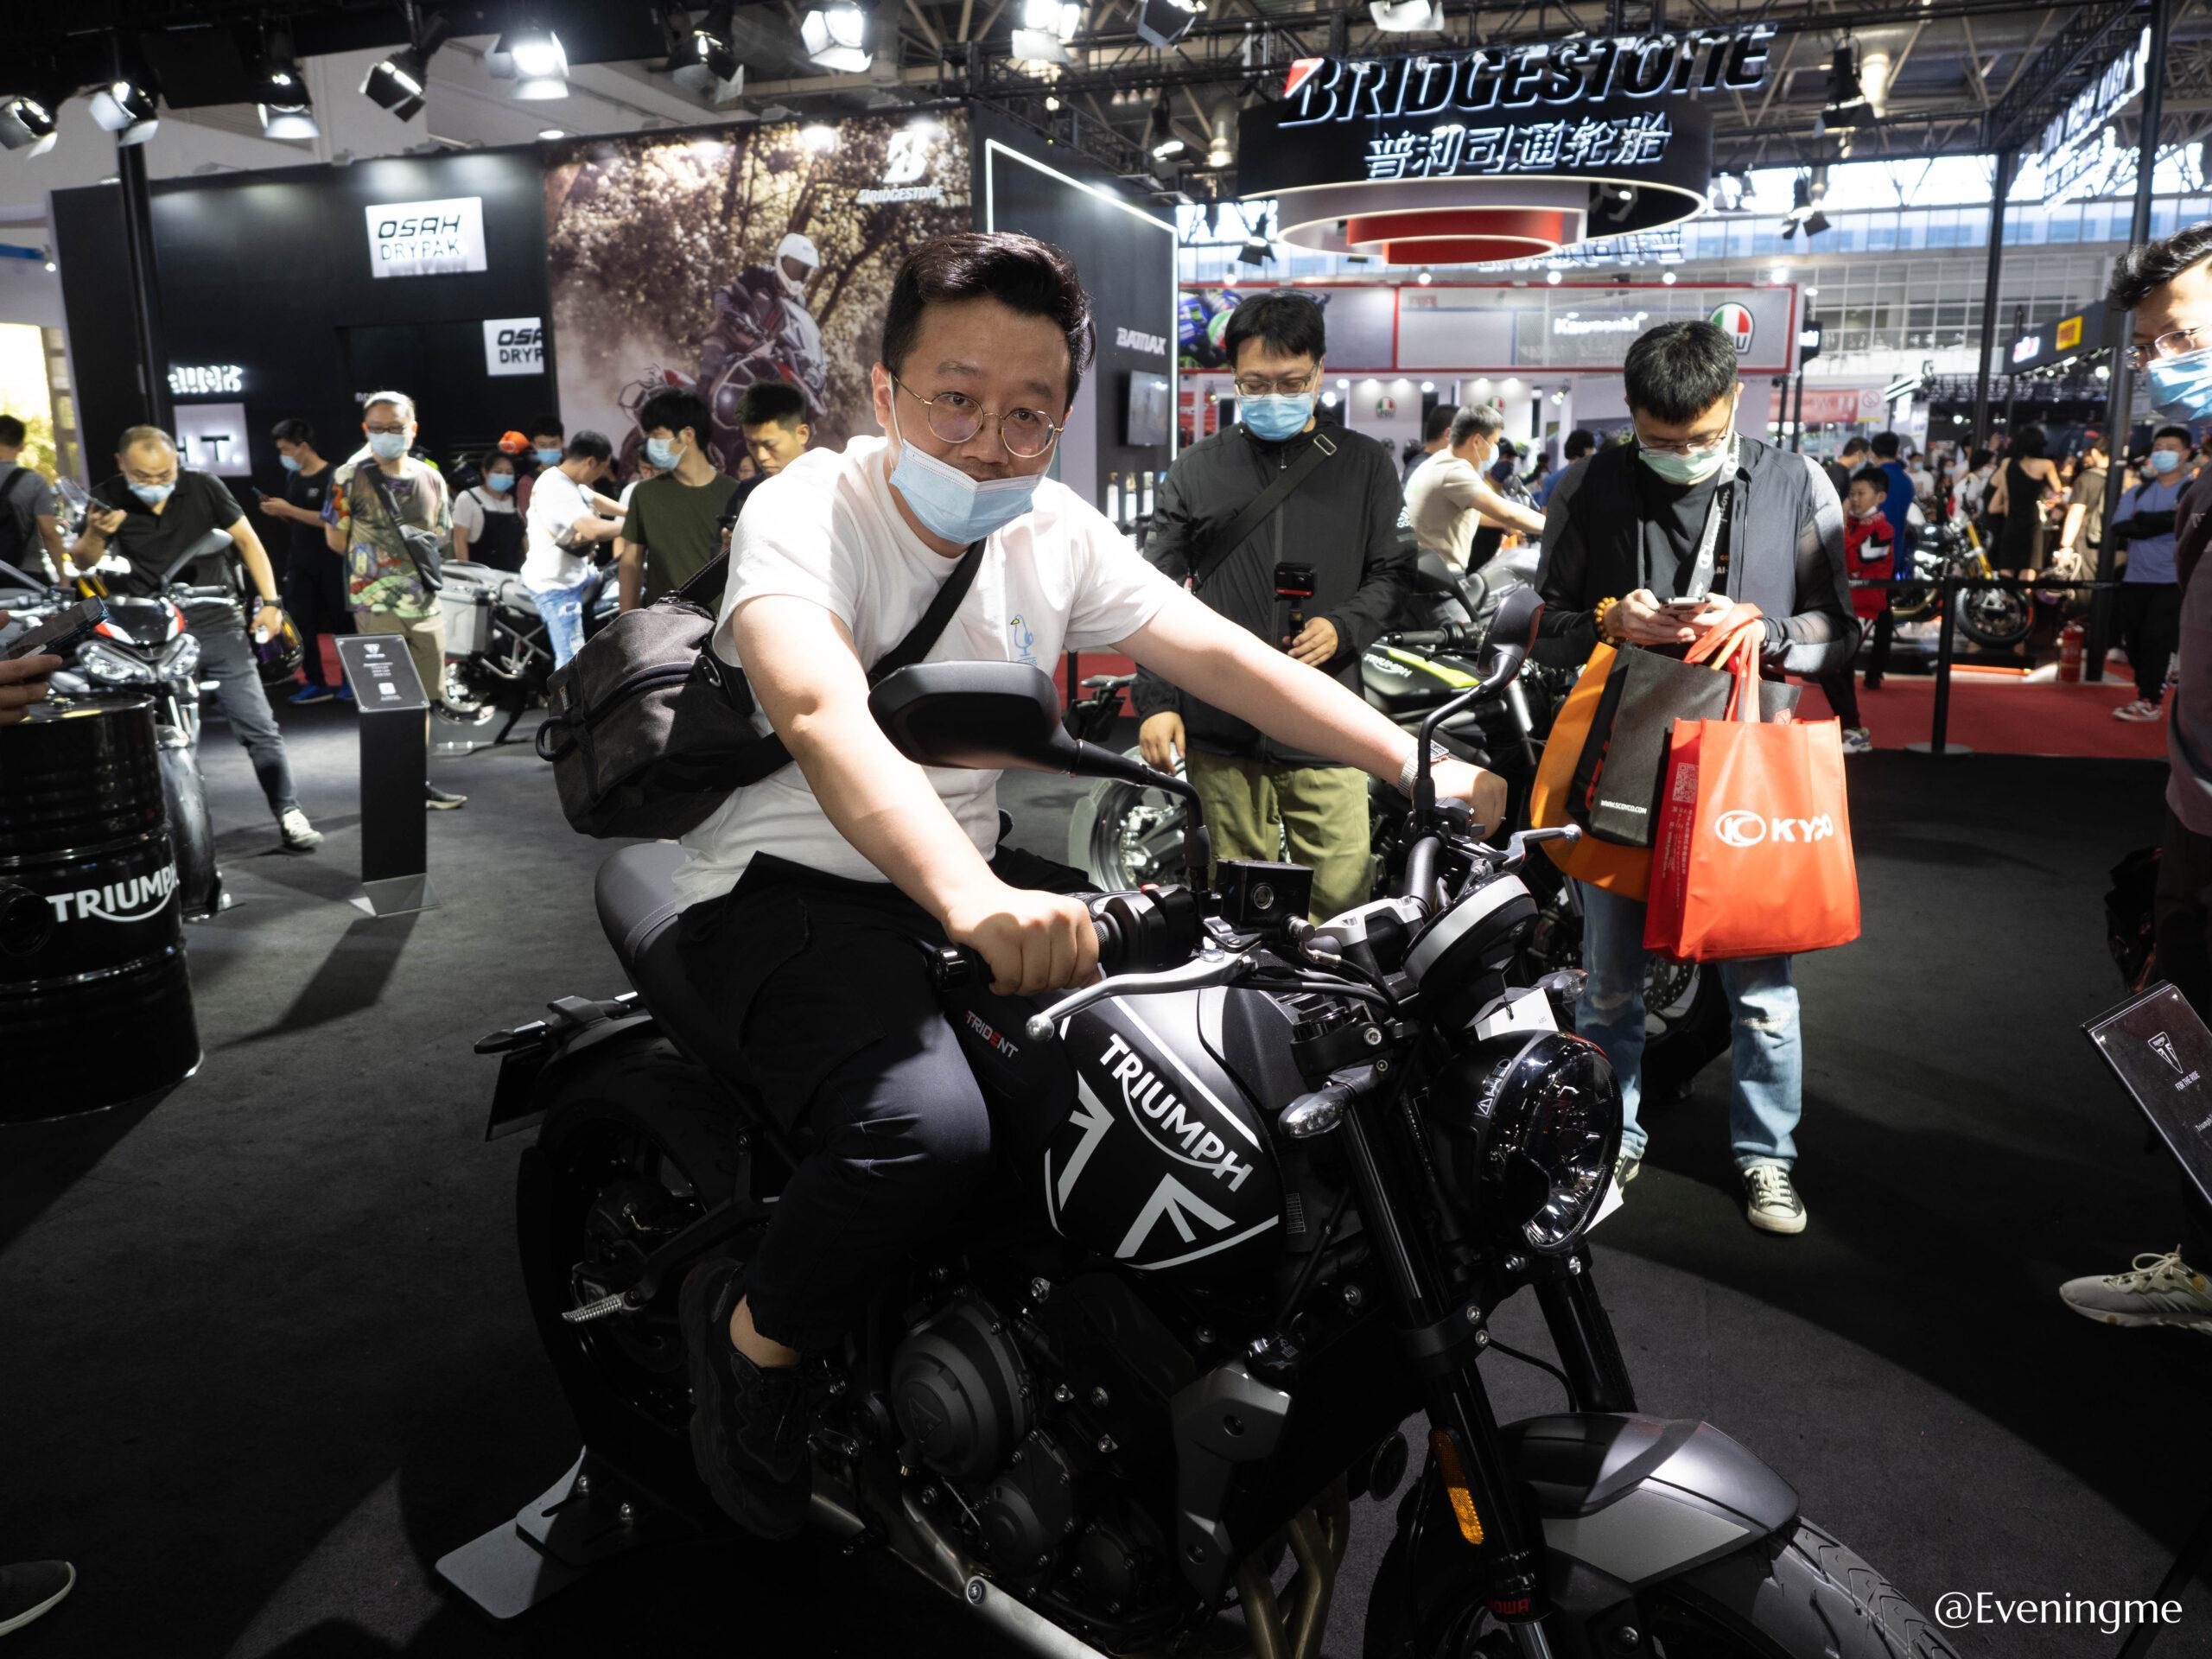 聊聊2021北京摩托车展的体会插图18